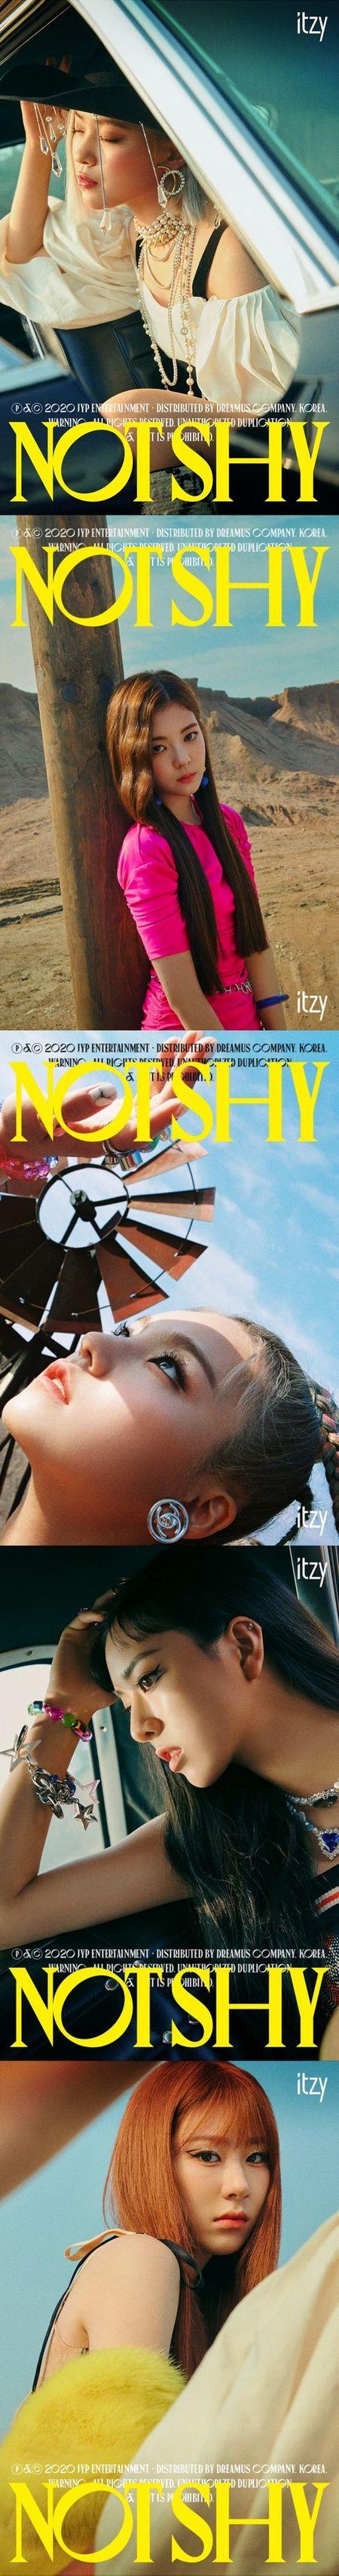 「ITZY」、「Not Shy」個別ティーザーオープン…太陽より熱い存在感と非現実的な美貌